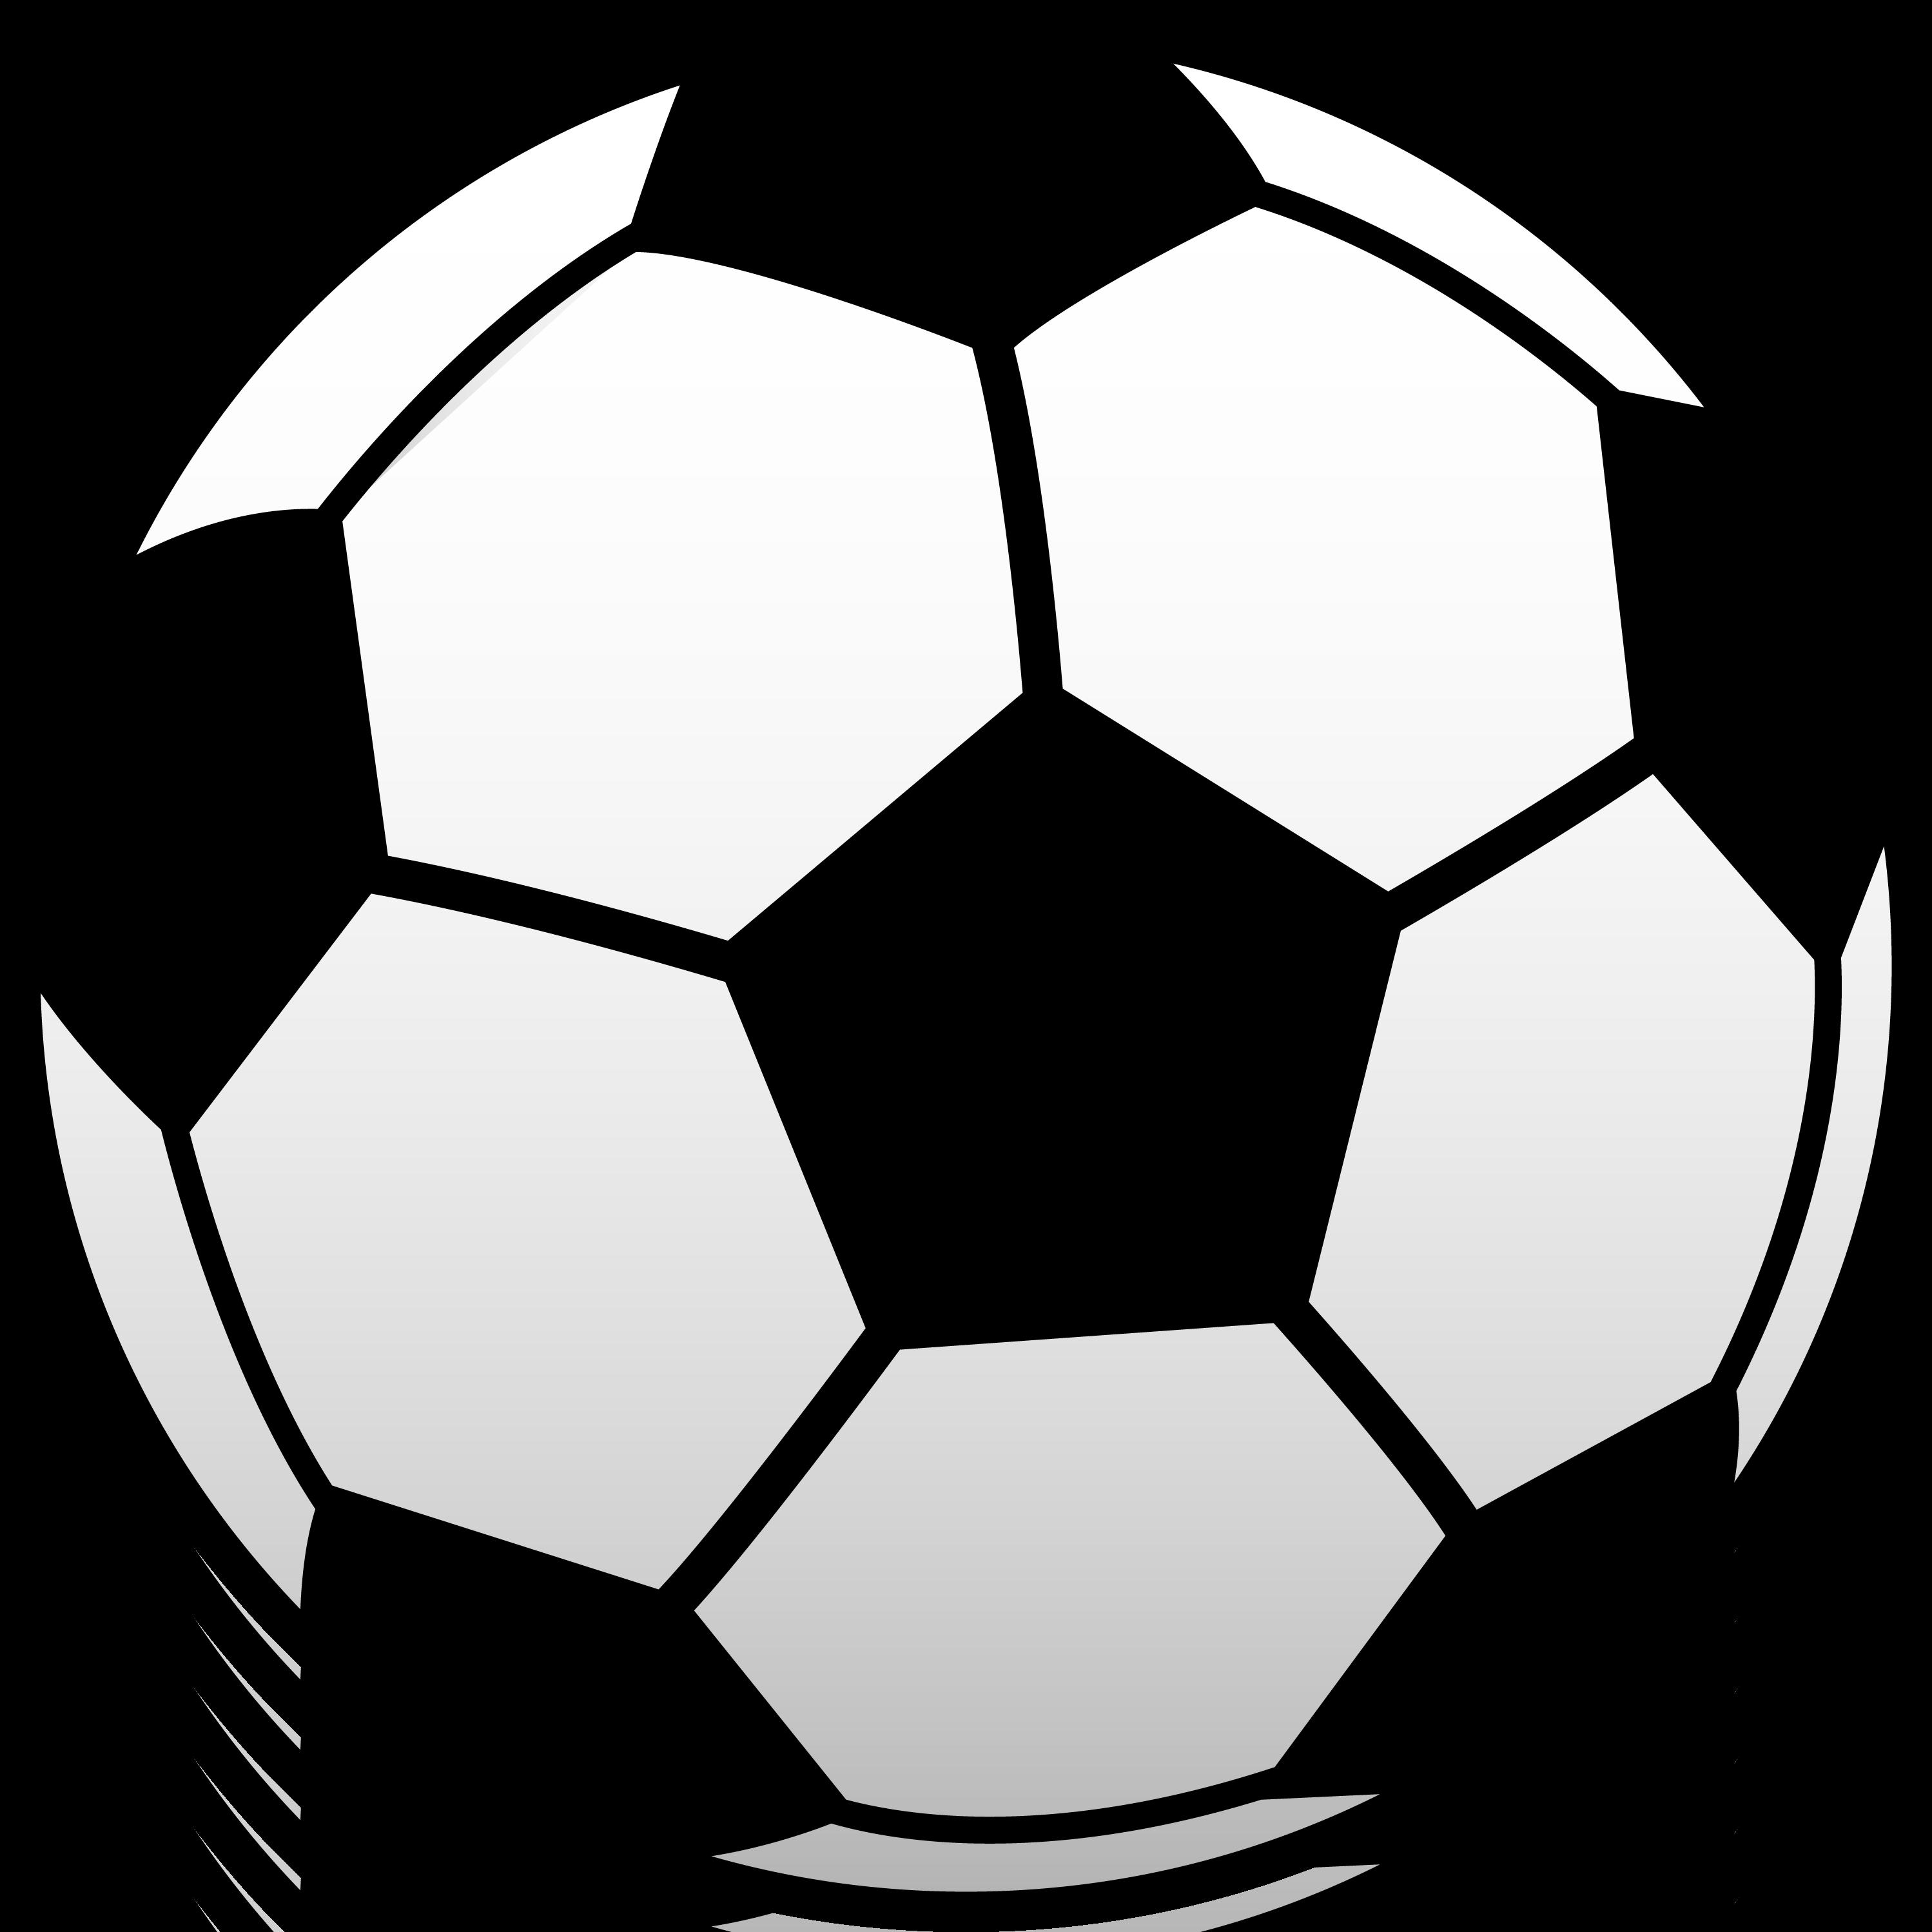 Balls clipart clip art. Free ball cliparts download